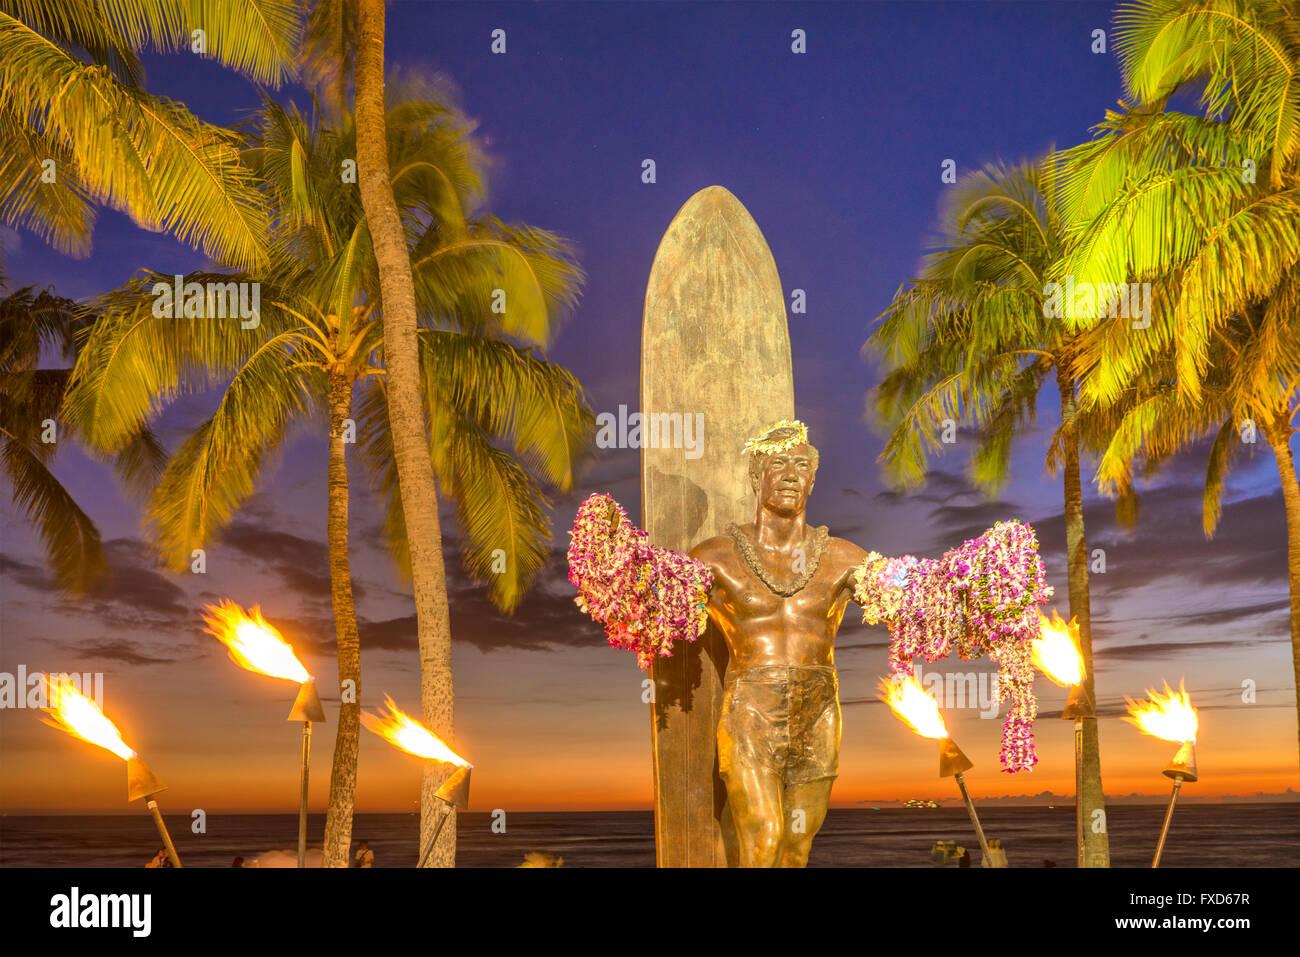 USA, Hawaii, Oahu, Honolulu, Waikiki, Duke Kahanamoku Statue - Stock Image